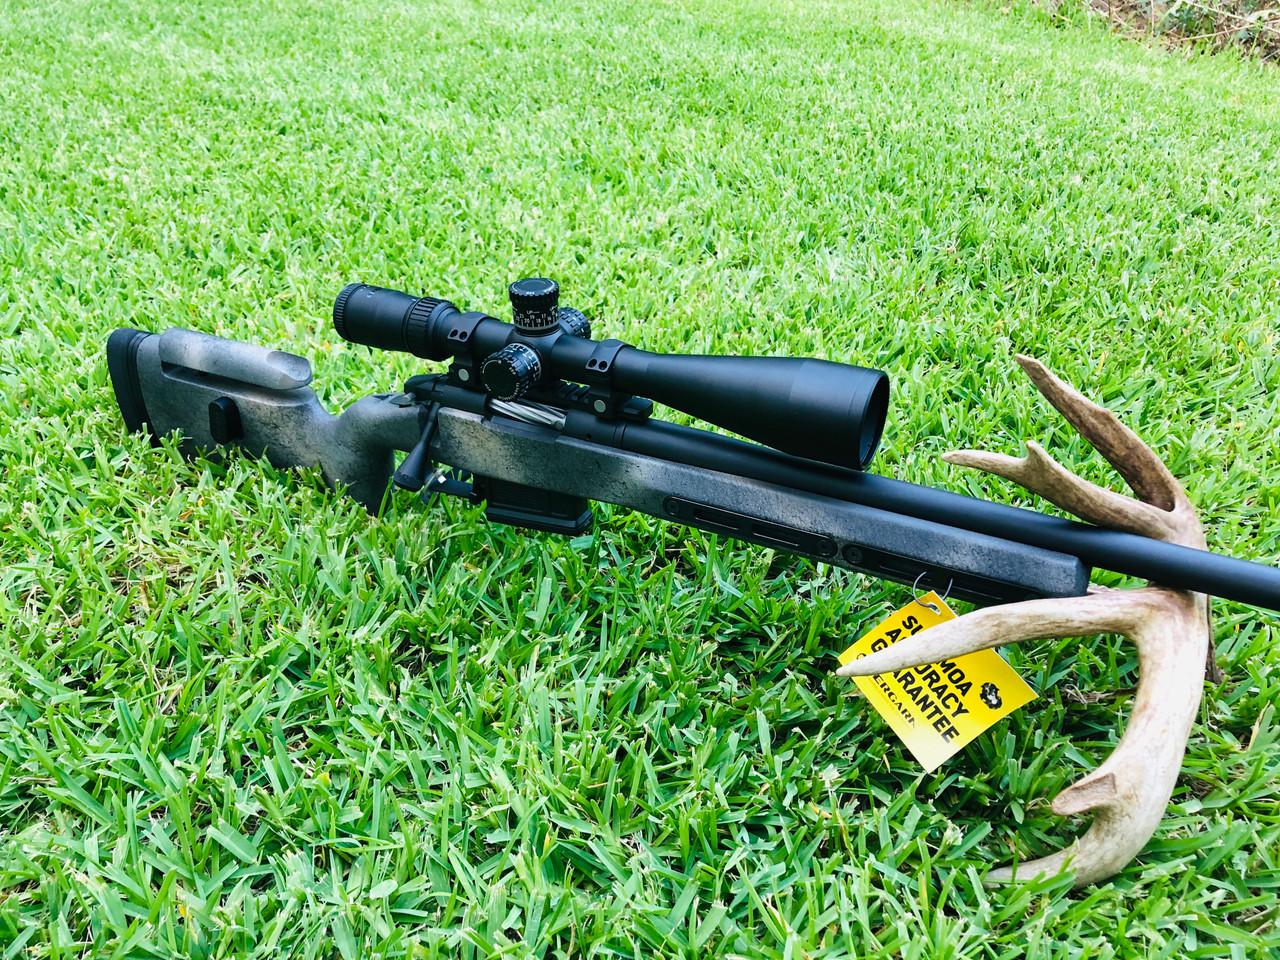 Bergara Premier Ridgeback Package in 6.5 Creedmoor and Nikon Black FX1000 6-24x50SF